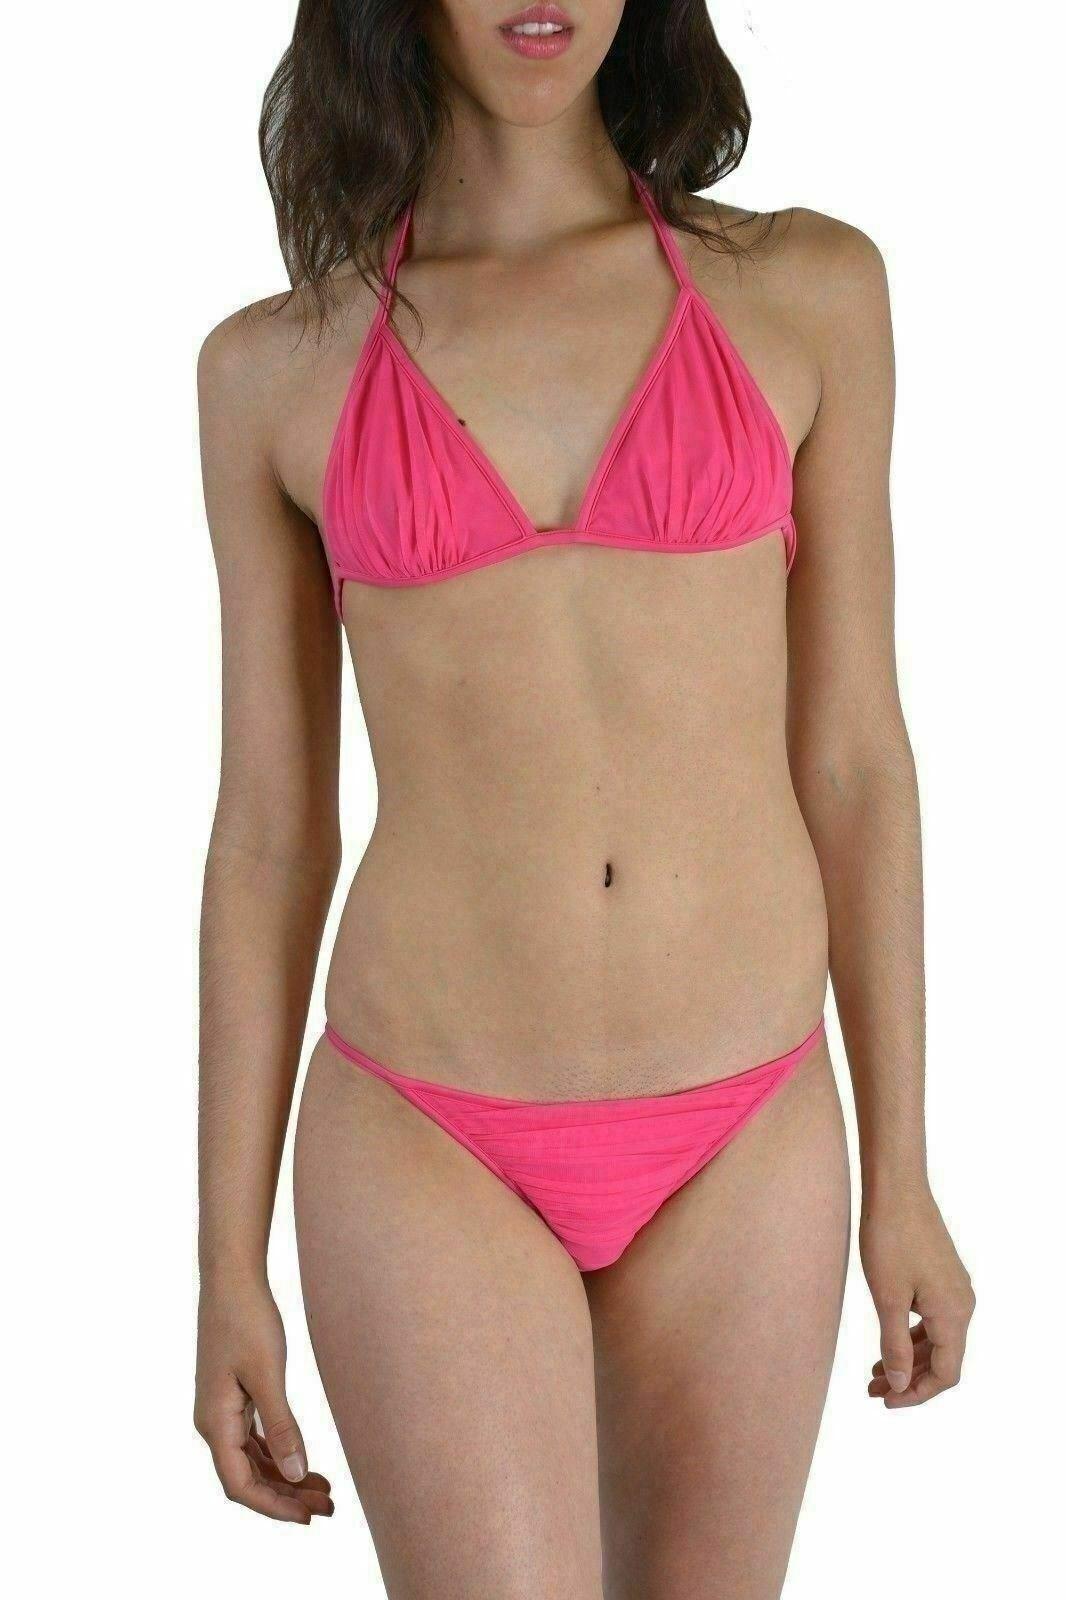 5f54b85a382c Dsquared rosa Metallo Dettaglio Decorato Due Pezzi Pezzi Pezzi Costume da  Bagno Bikini USA L e848c0